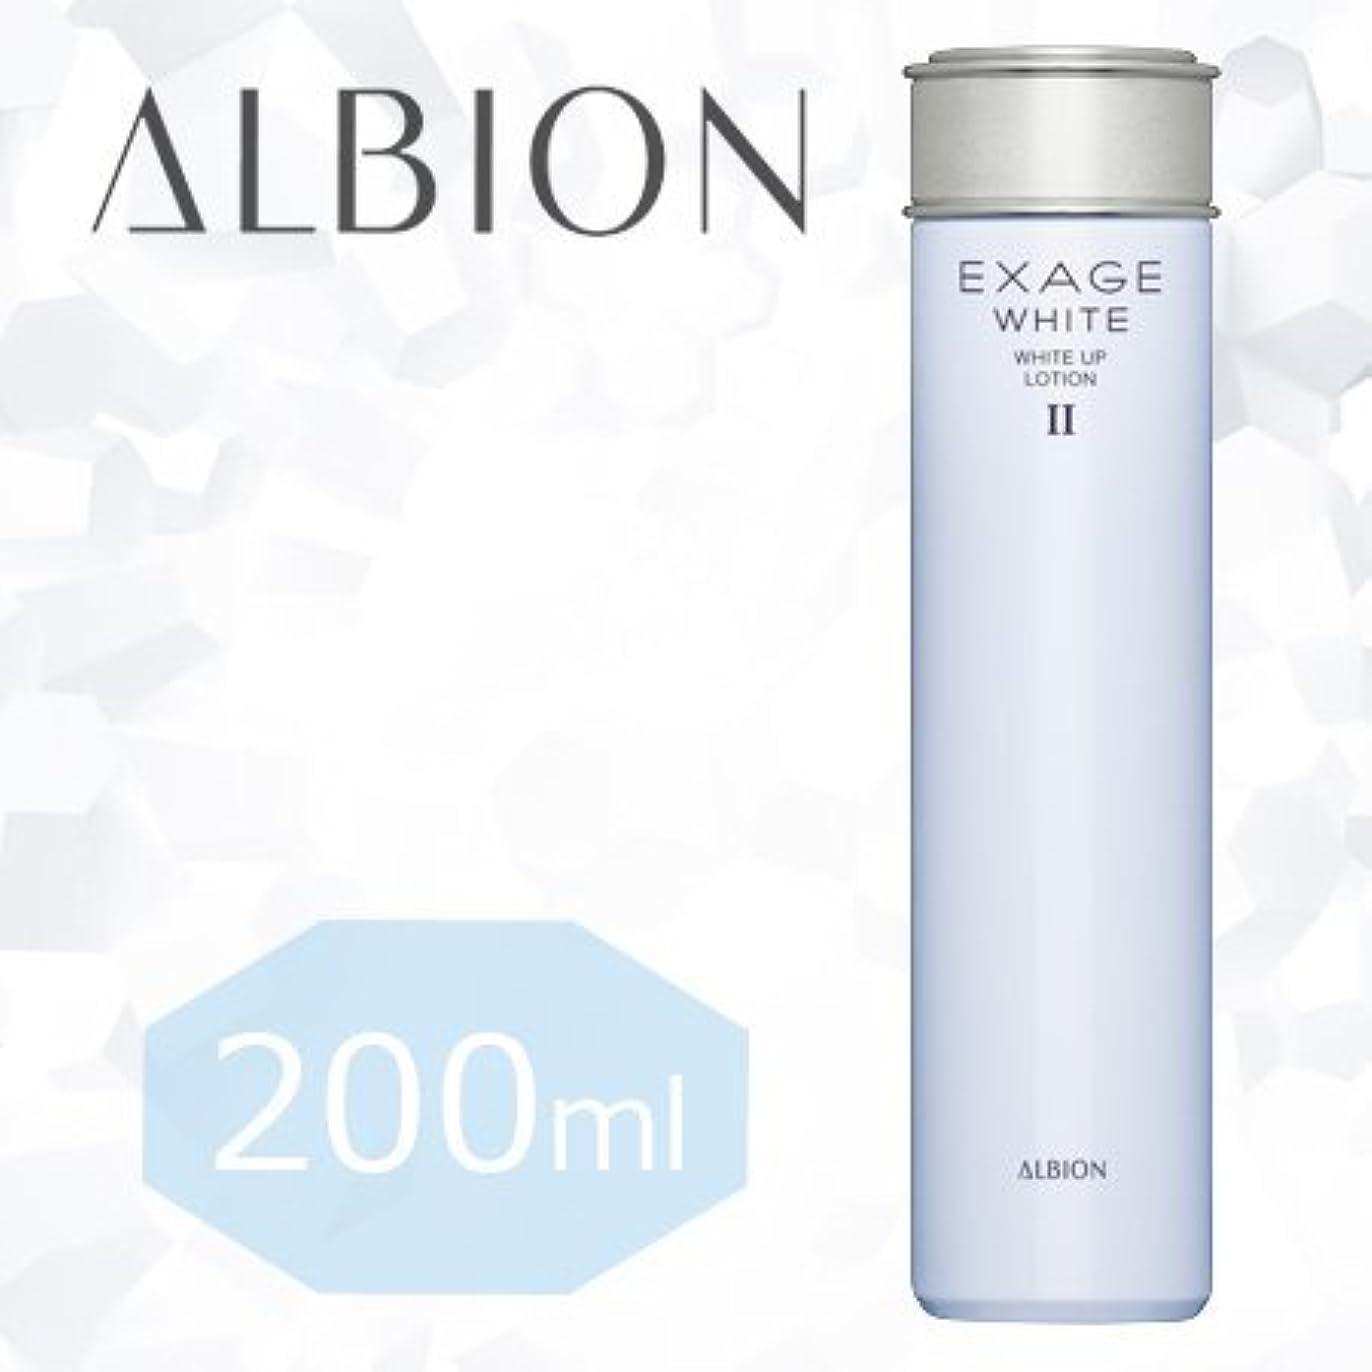 砂スナッチ売るアルビオン エクサージュホワイト ホワイトアップ ローションII(医薬部外品)《200ml》